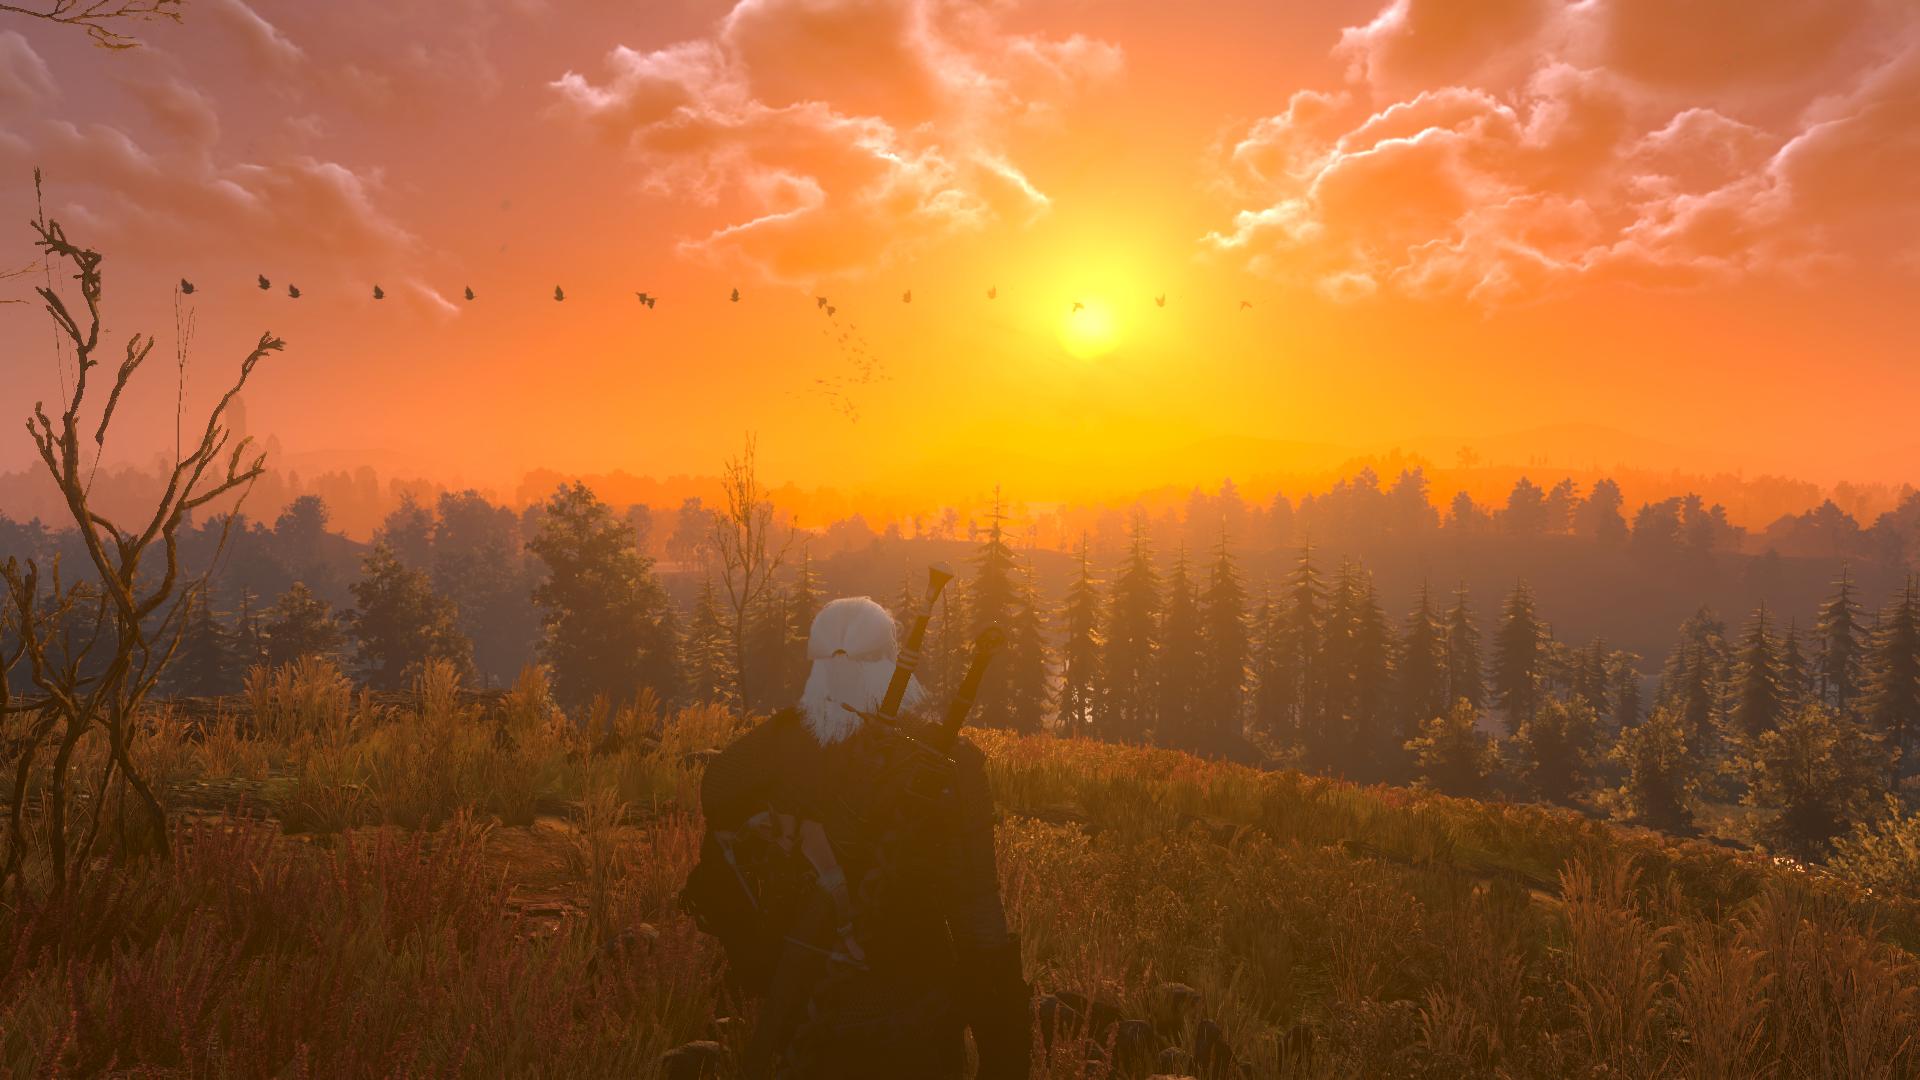 Разработчик подтвердил, что в скором времени появится новое обновление The Witcher 3 Nintendo